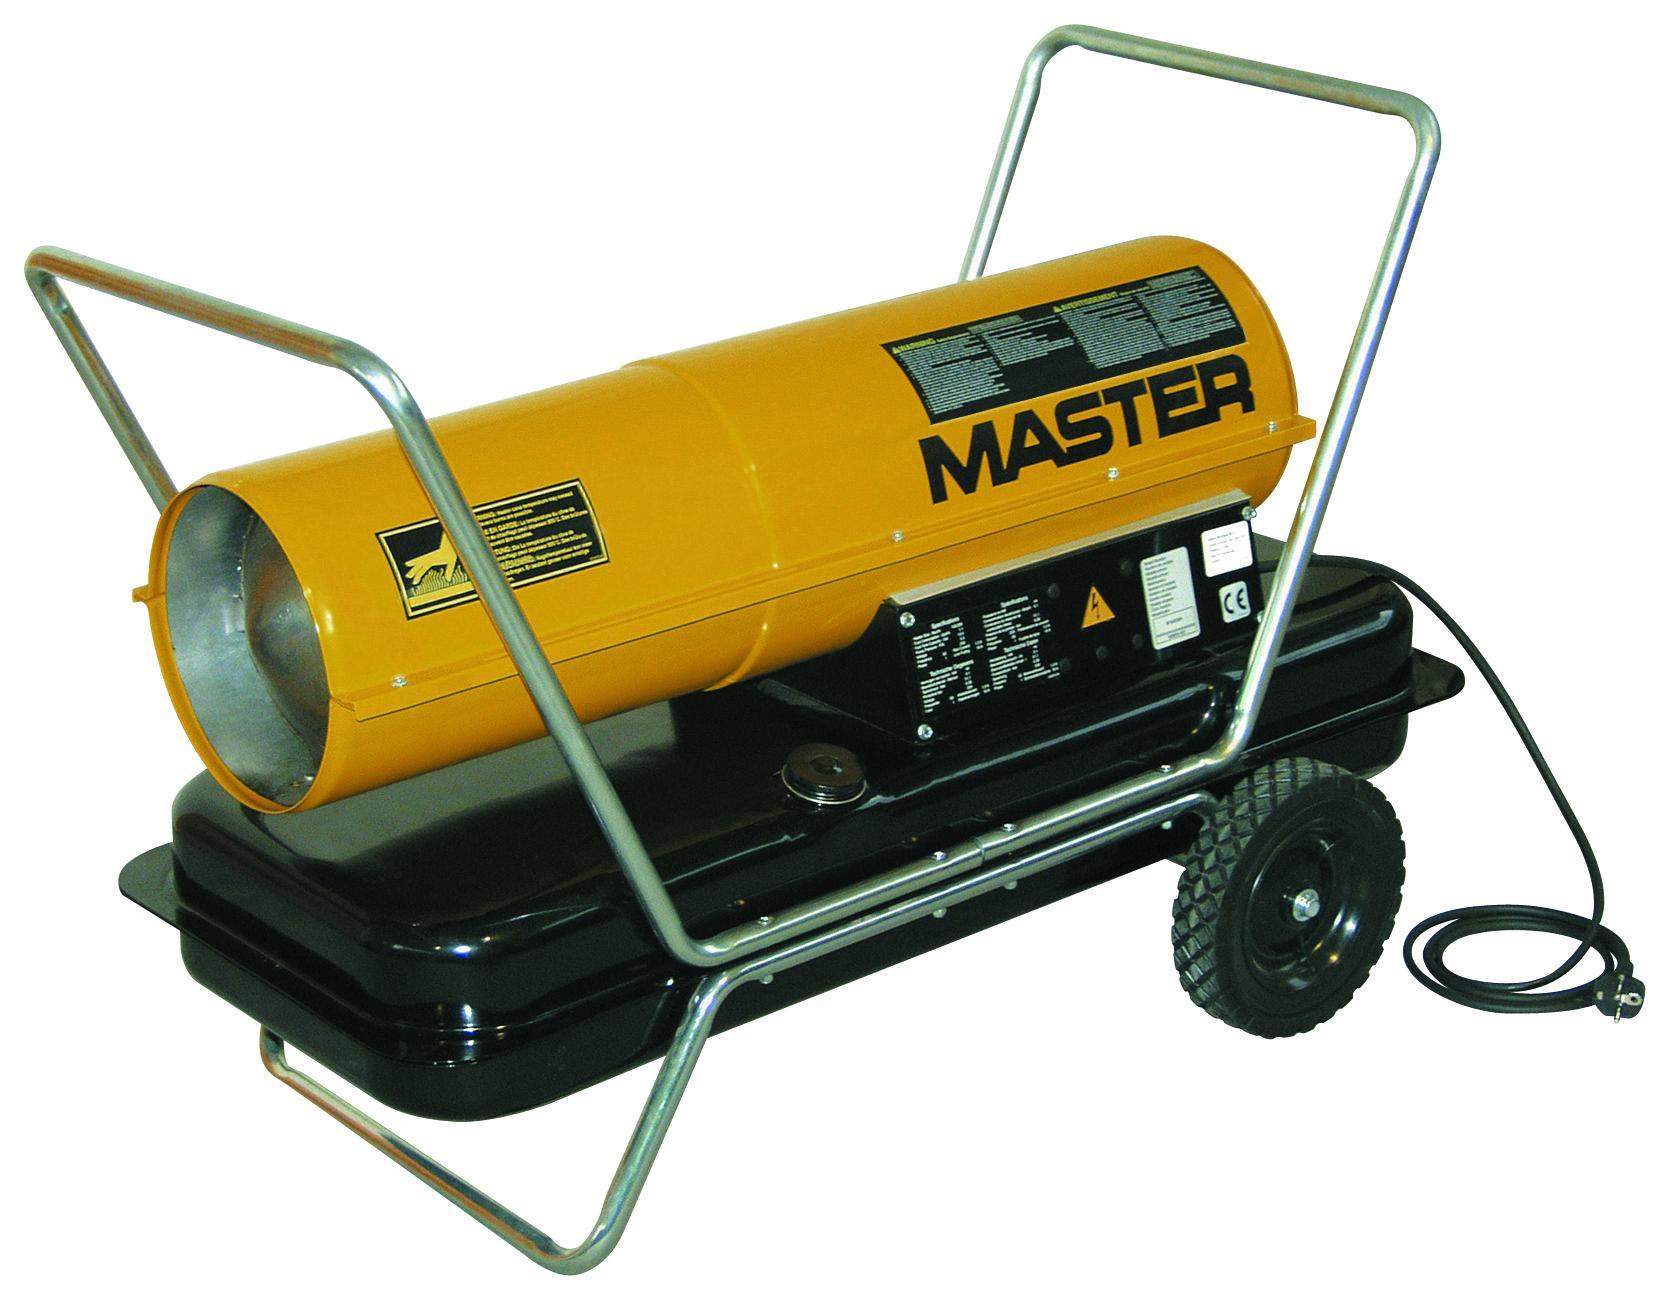 Дизельные обогреватели - MASTER B 100 CED Дизельный нагреватель с прямым пламенем